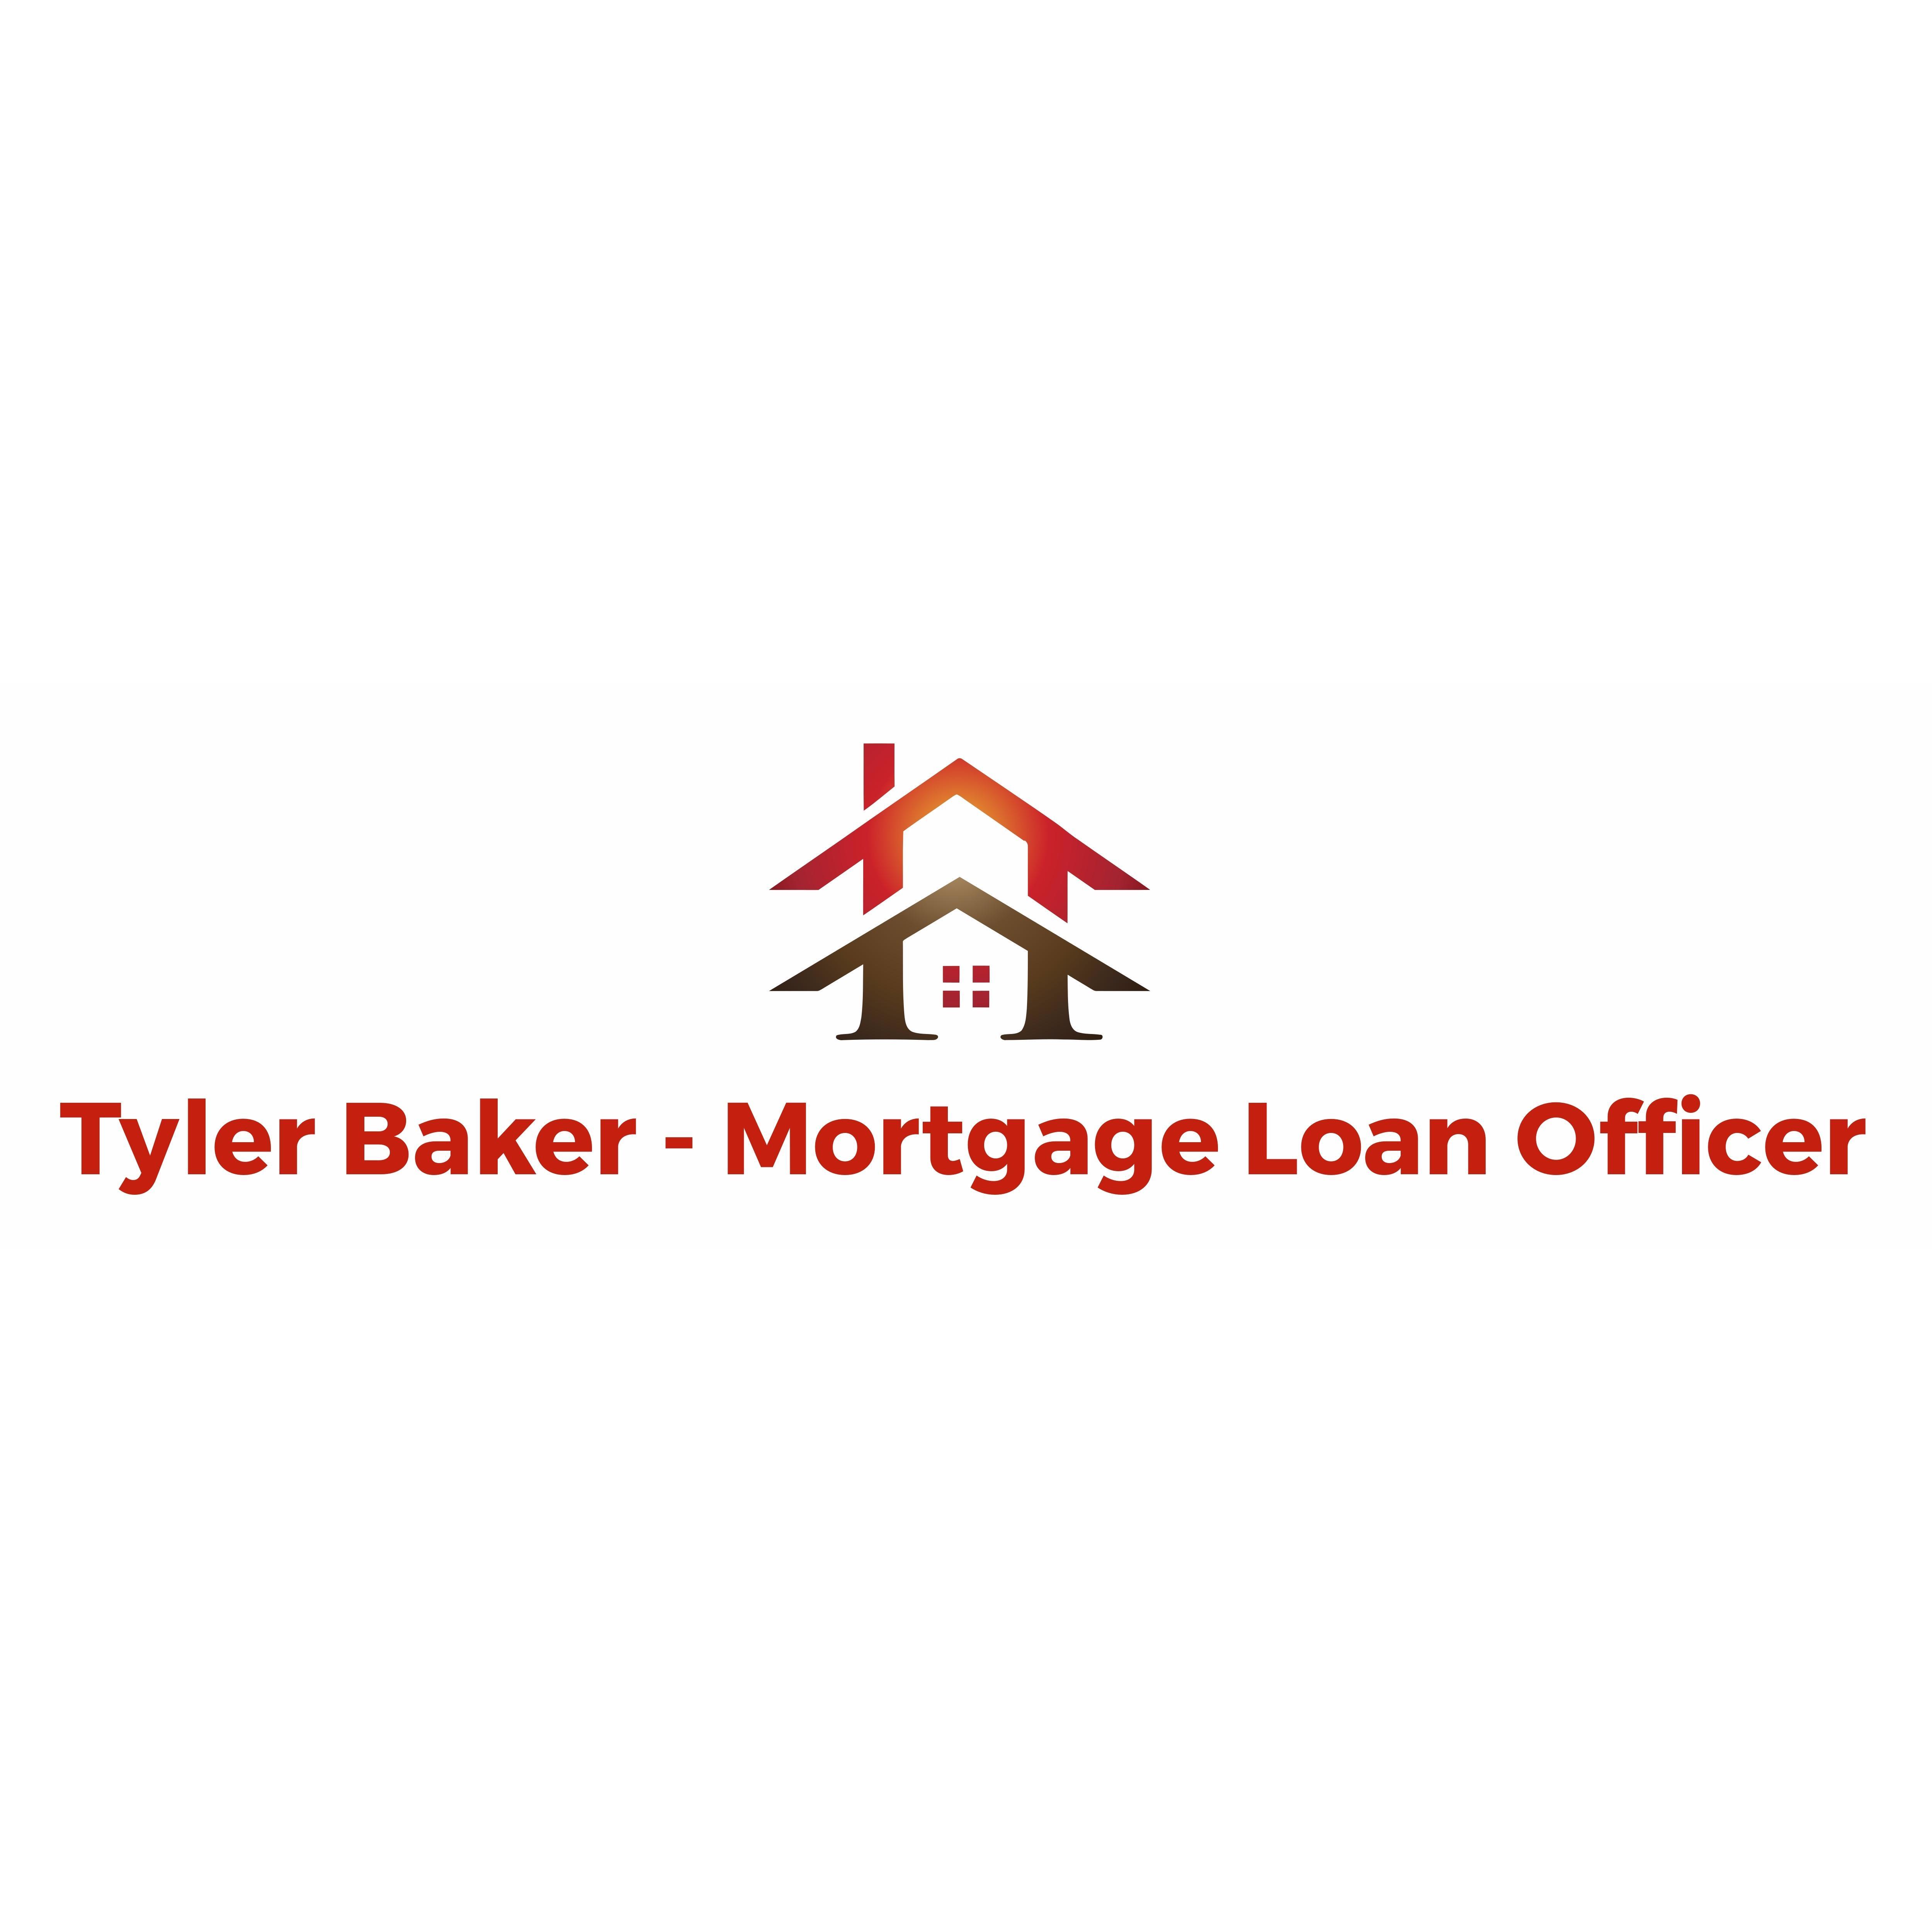 Tyler Baker - Mortgage Loan Officer